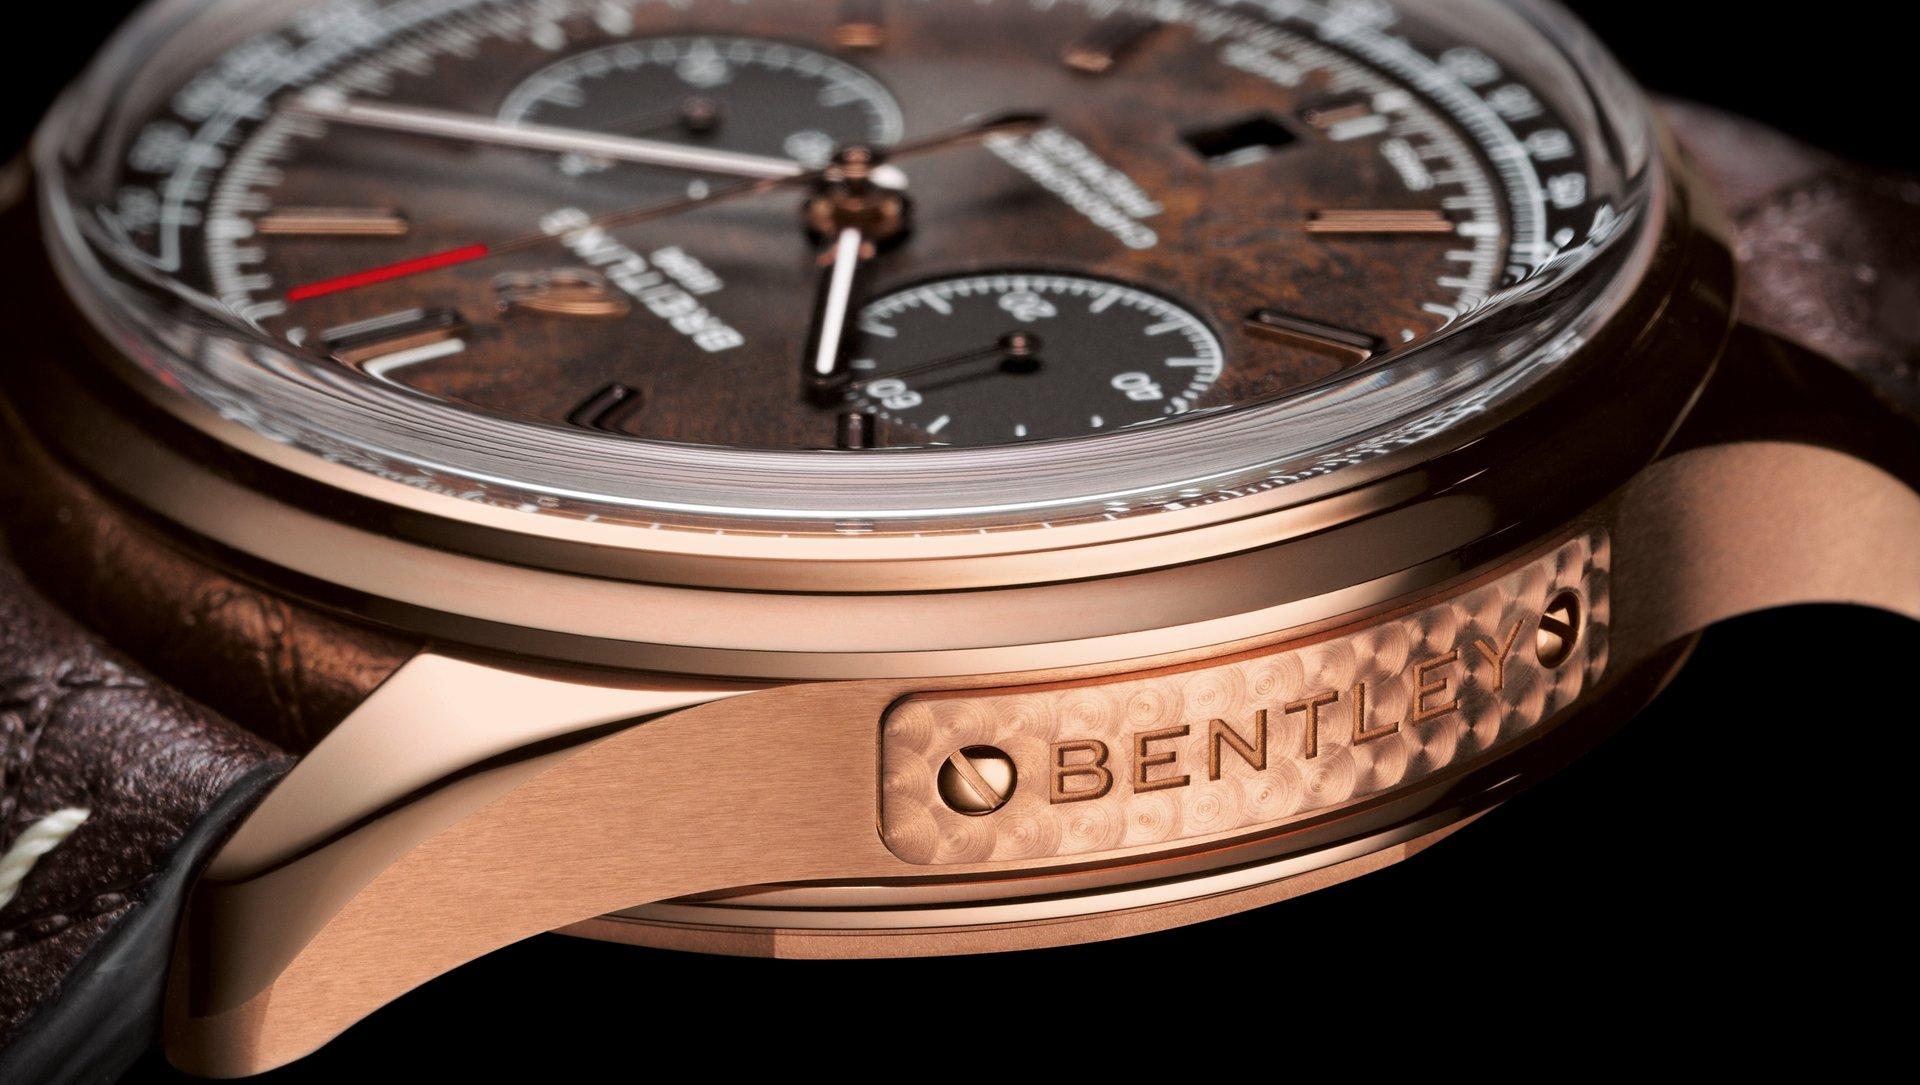 Naziv: 3premier-b01-chronograph-bentley-or-detail_21136_05-03-19.jpg, pregleda: 213, veličina: 253,4 KB